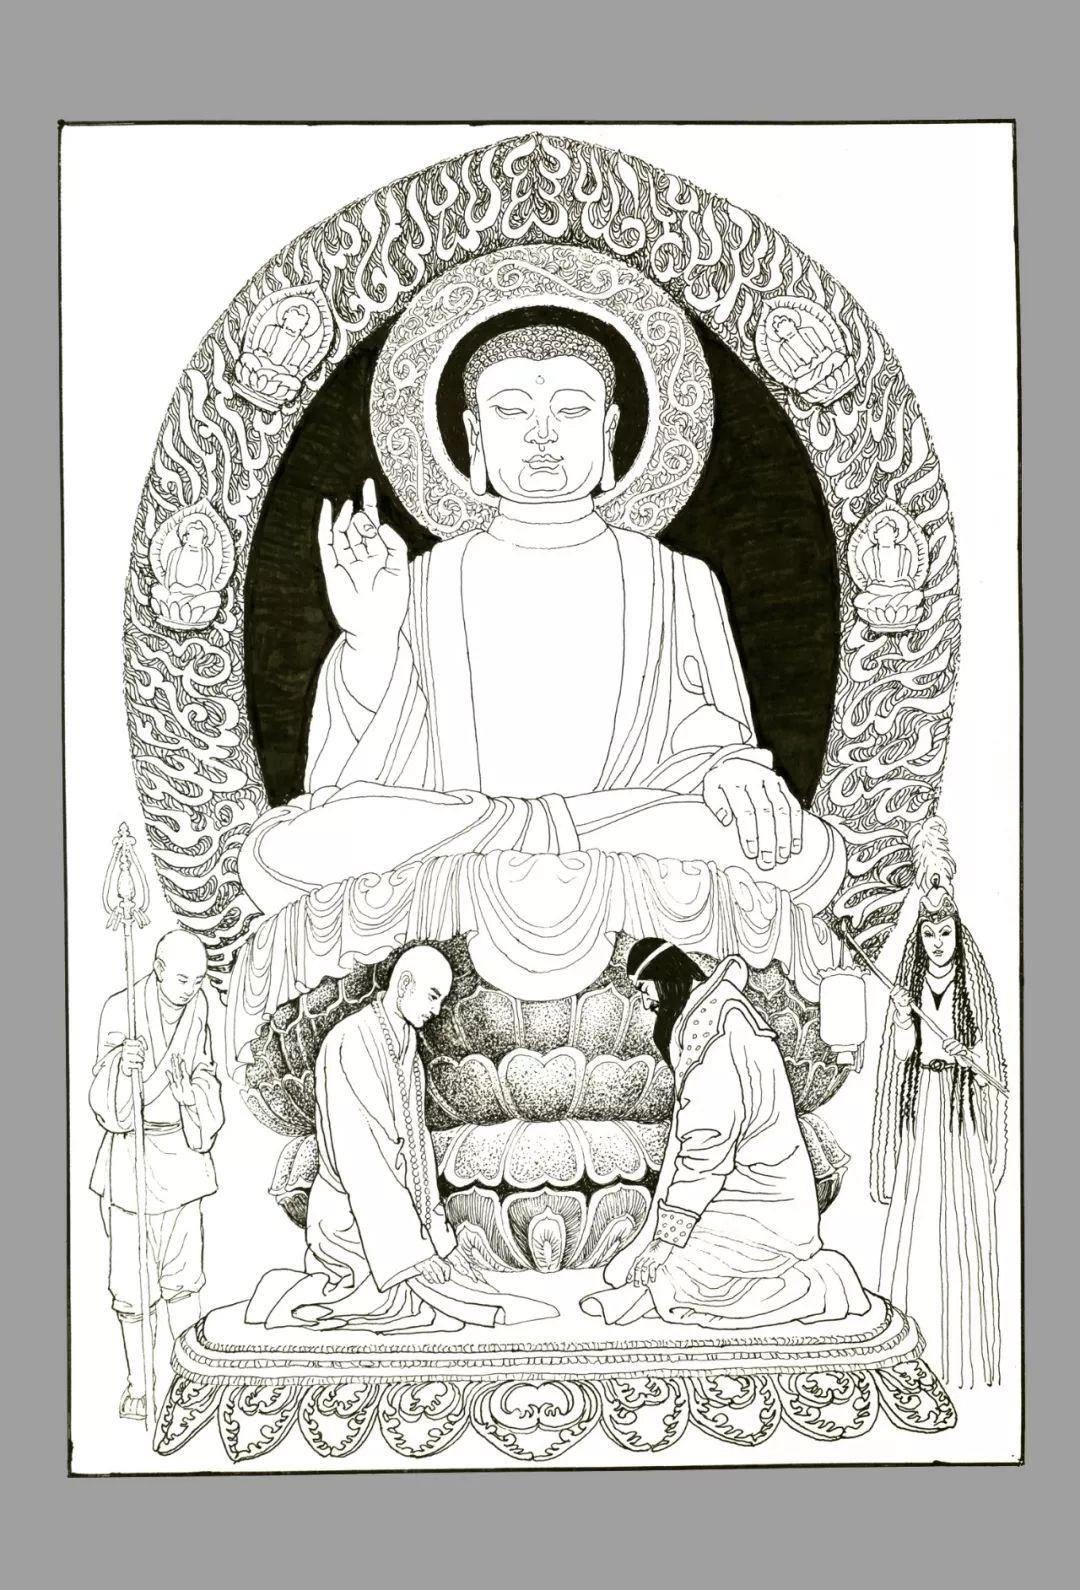 内蒙古画家--彭志信 第72张 内蒙古画家--彭志信 蒙古画廊